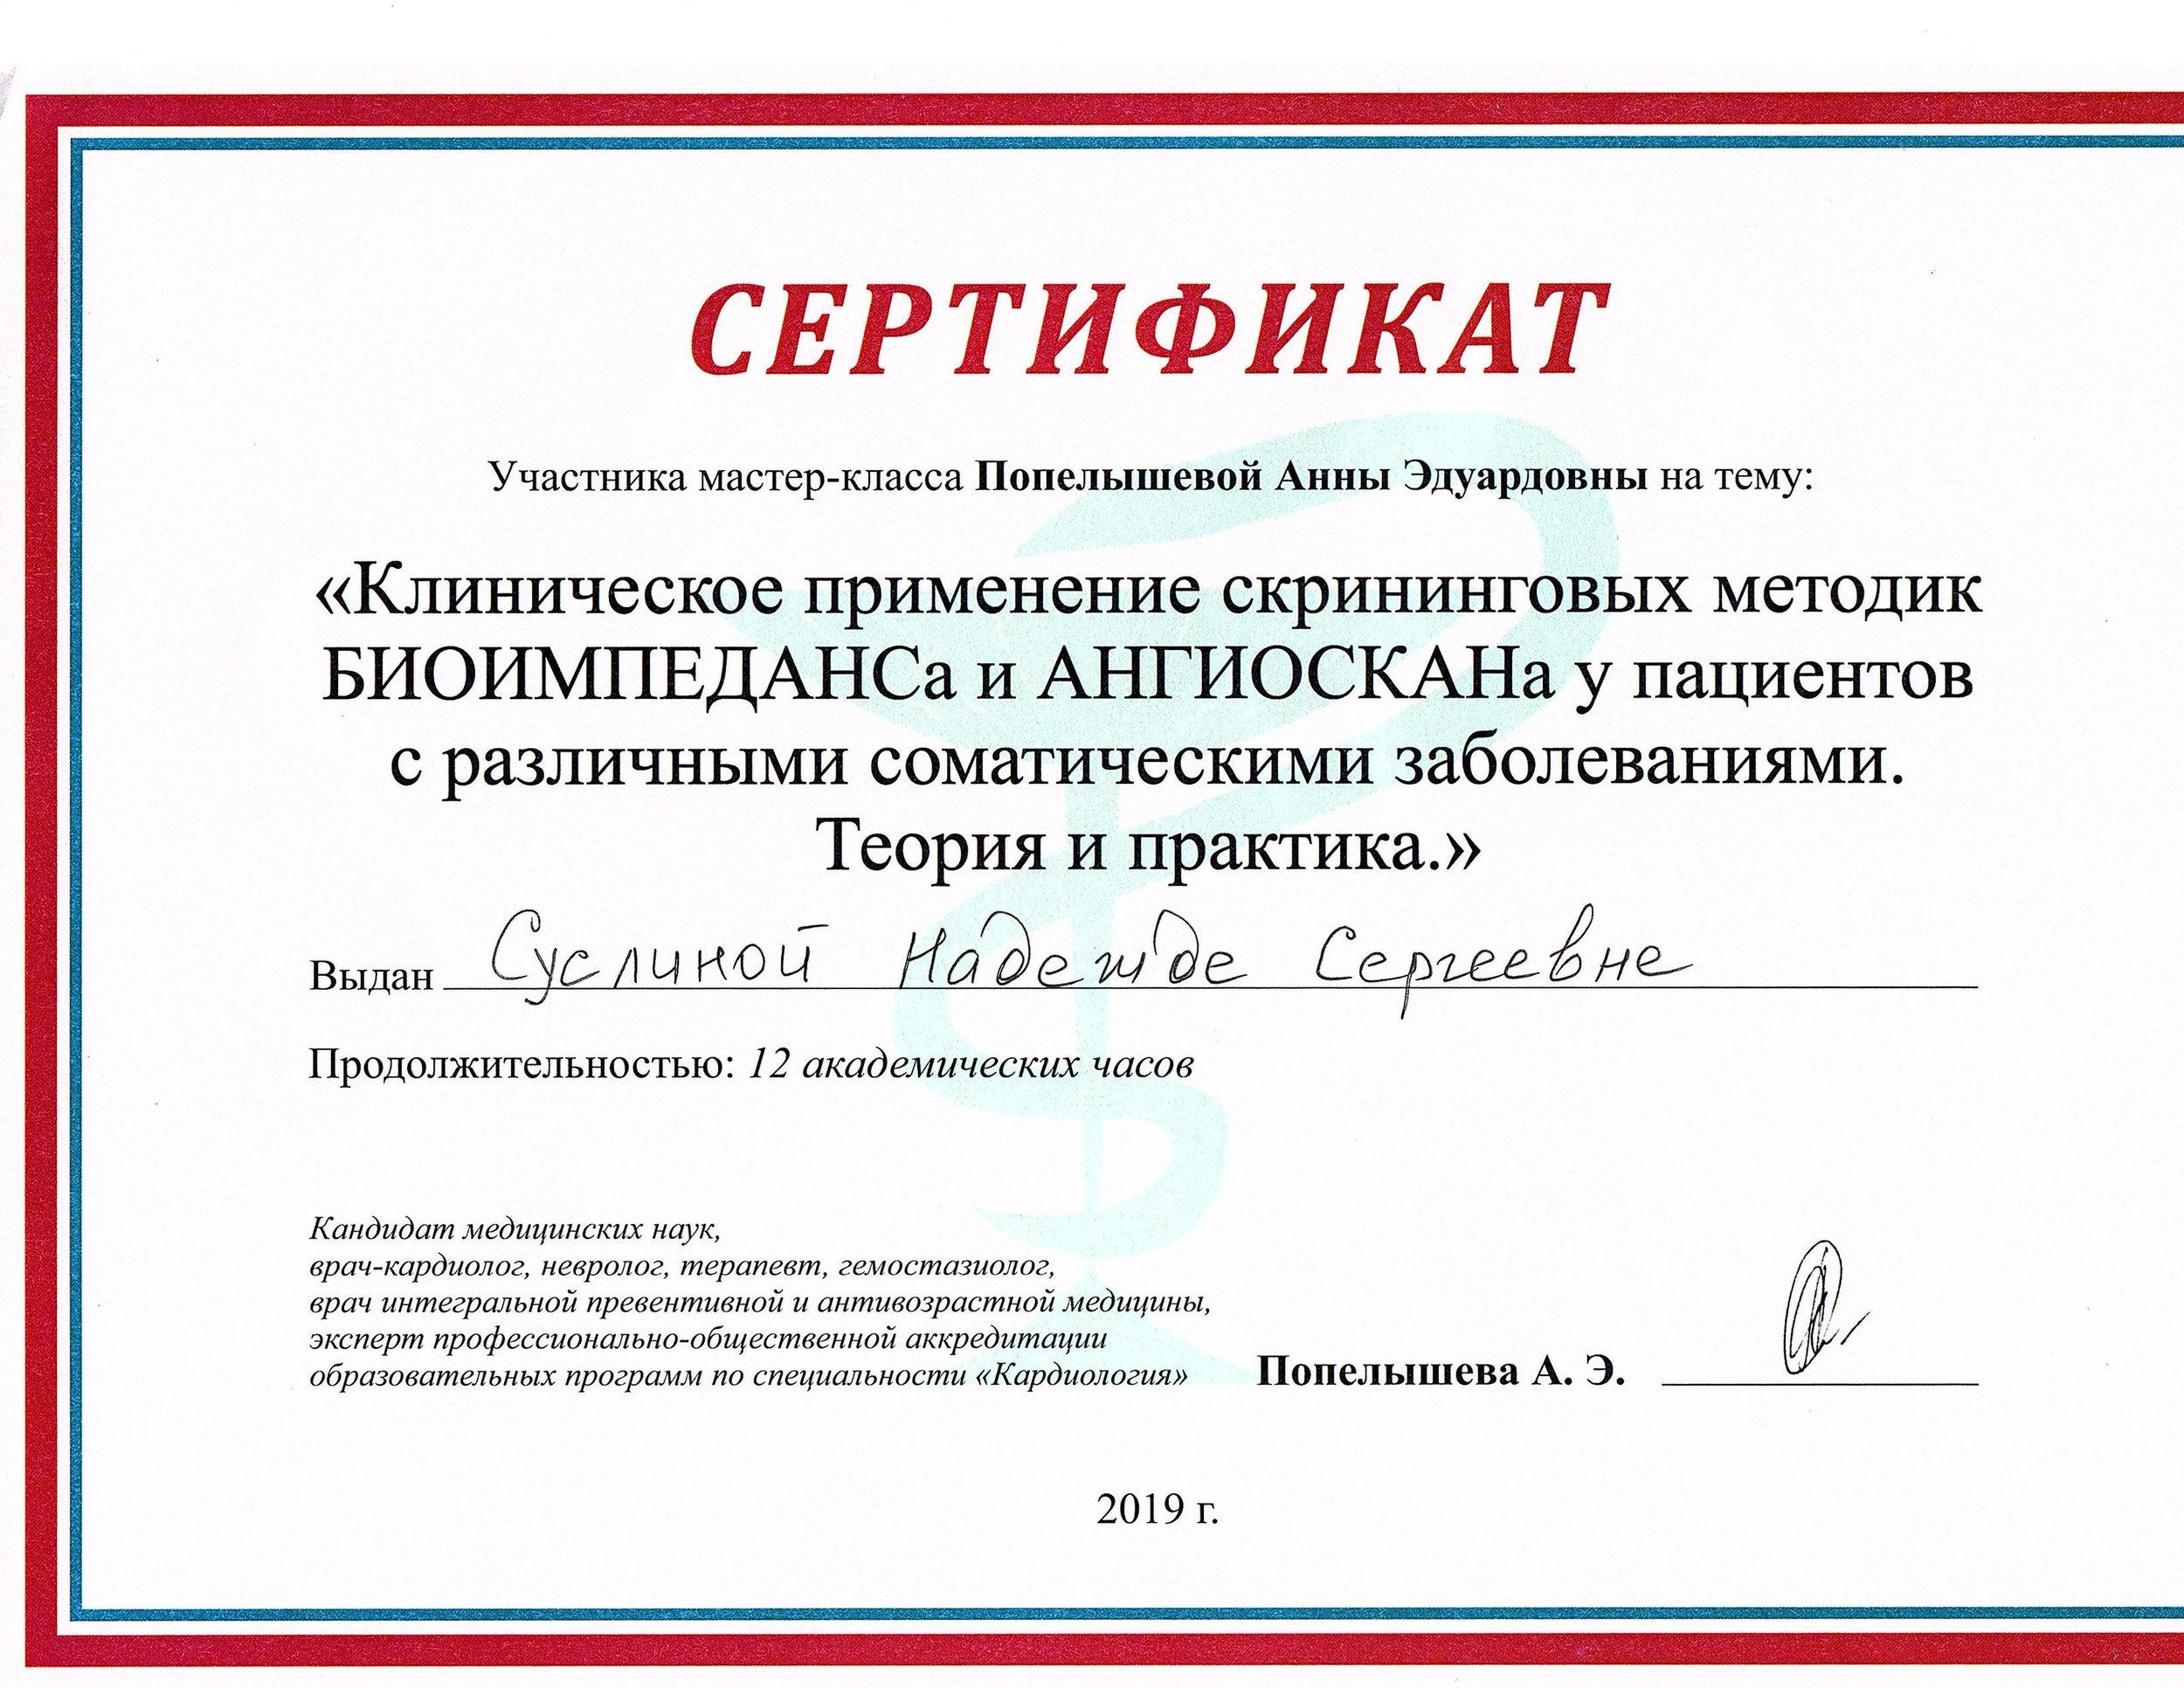 сертификат суслиной